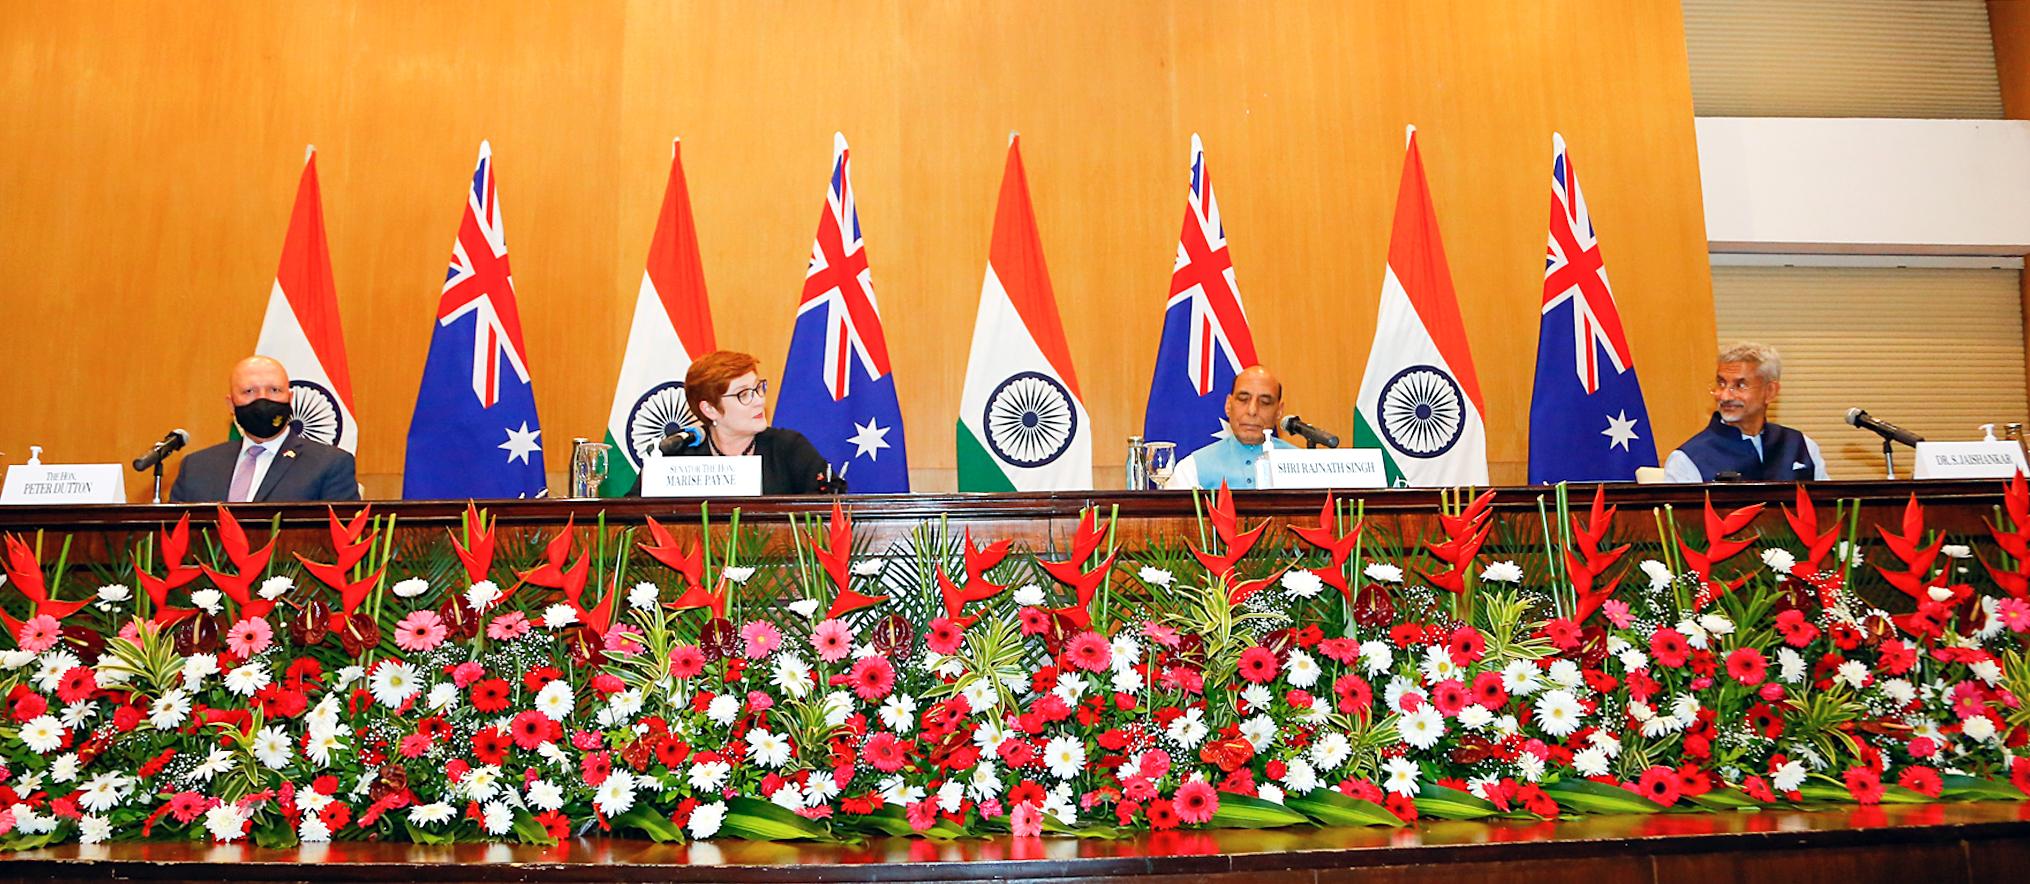 दिल्ली में दोनों देशों के नेताओं ने द्विपक्षीय सुरक्षा, व्यापार और वैश्विक मुद्दों पर चर्चा की।